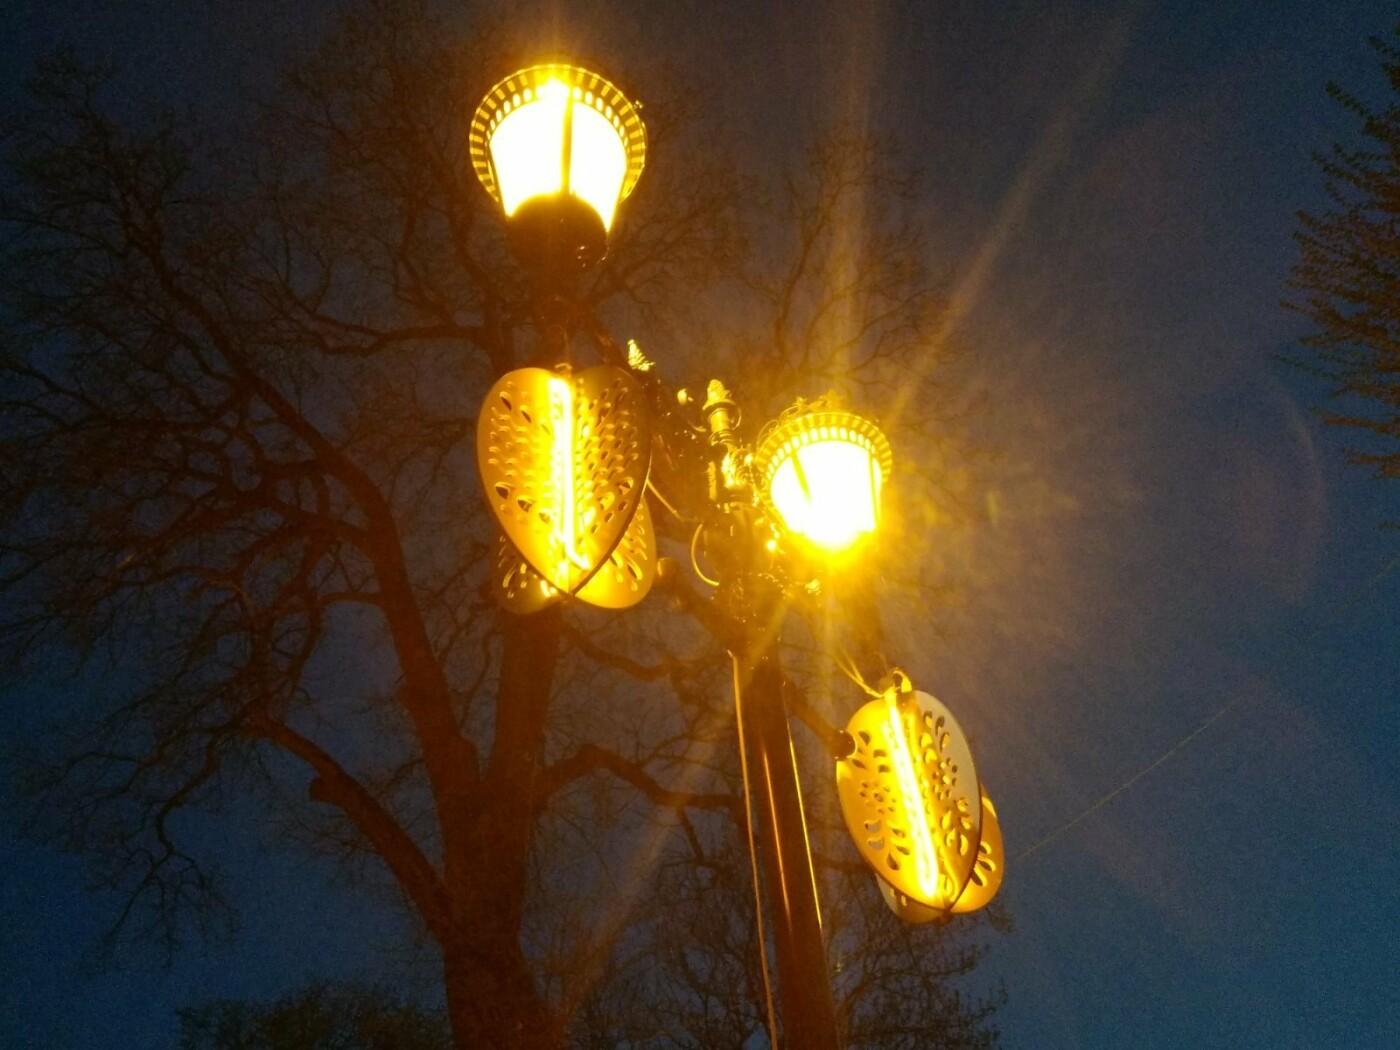 Дивовижний Трускавець: вечірній фотоогляд центральної частини міста-курорту, фото-10, Фото - 03247.com.ua